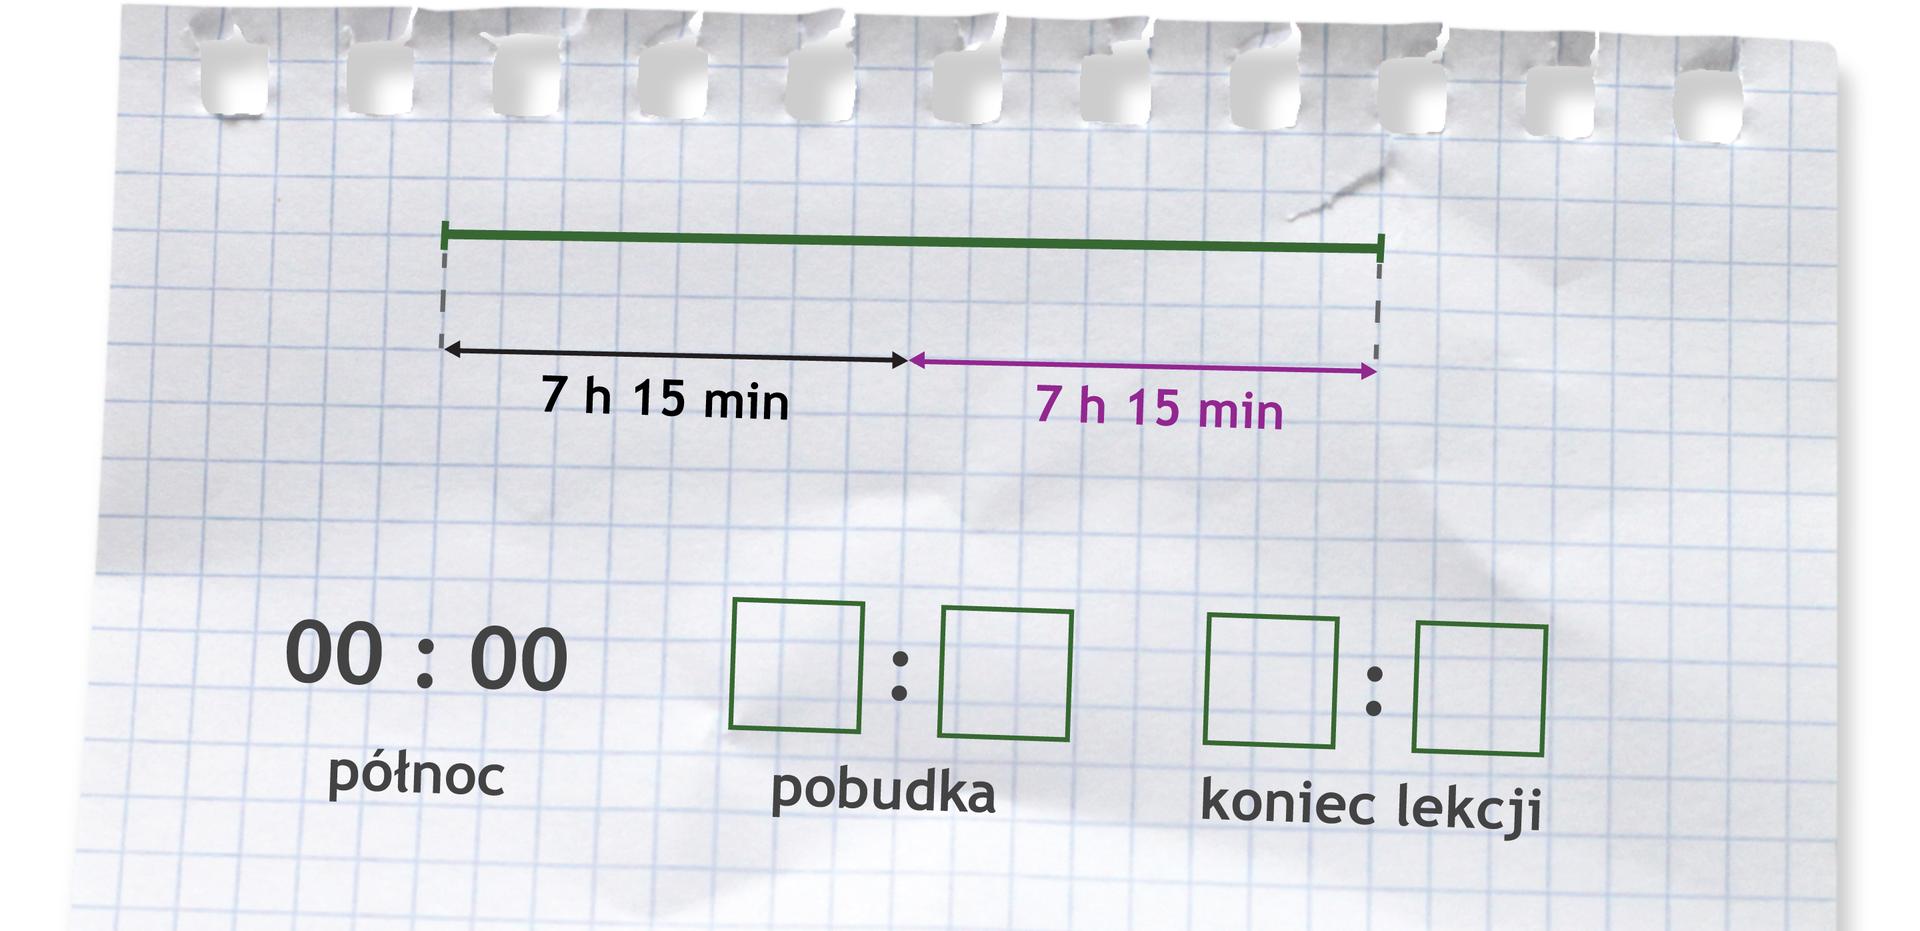 Rysunek odcinka podzielonego na dwie równe części. Pod każdą częścią napisane 7 h15 min. Zapis 00:00 (północ), pobudka, koniec lekcji.